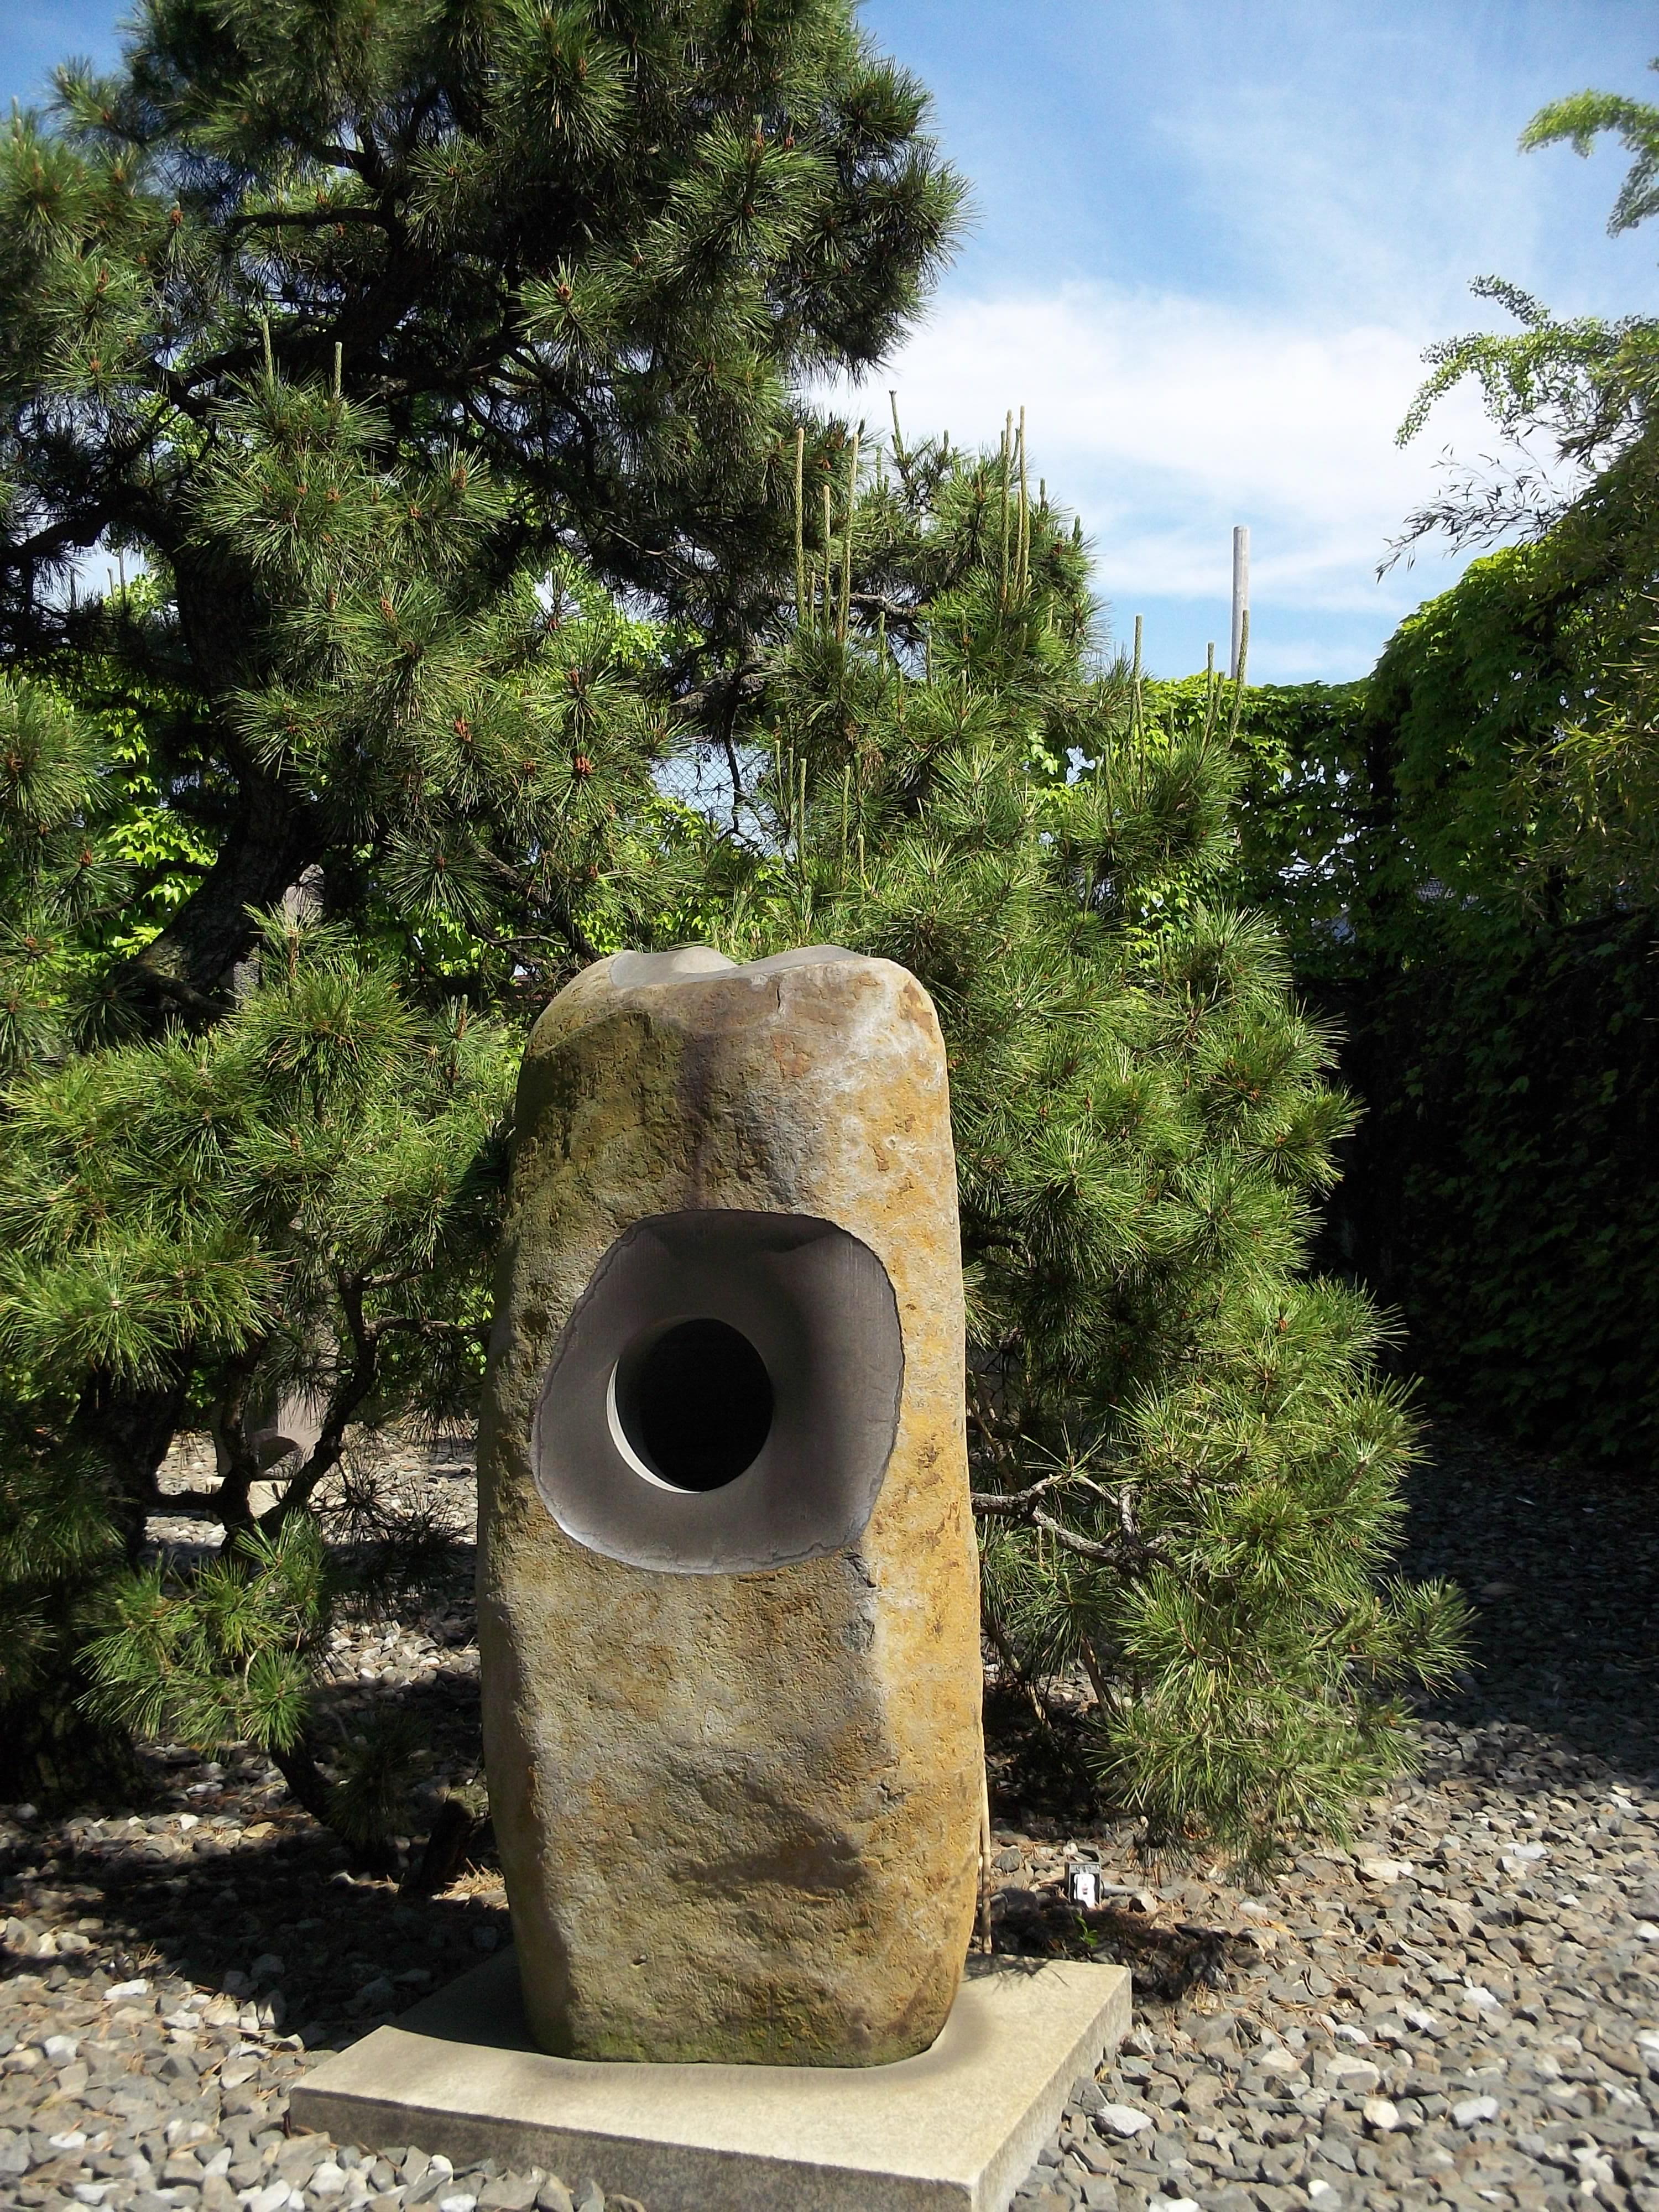 Beau Noguchi Smooth Stone Sculpture Garden